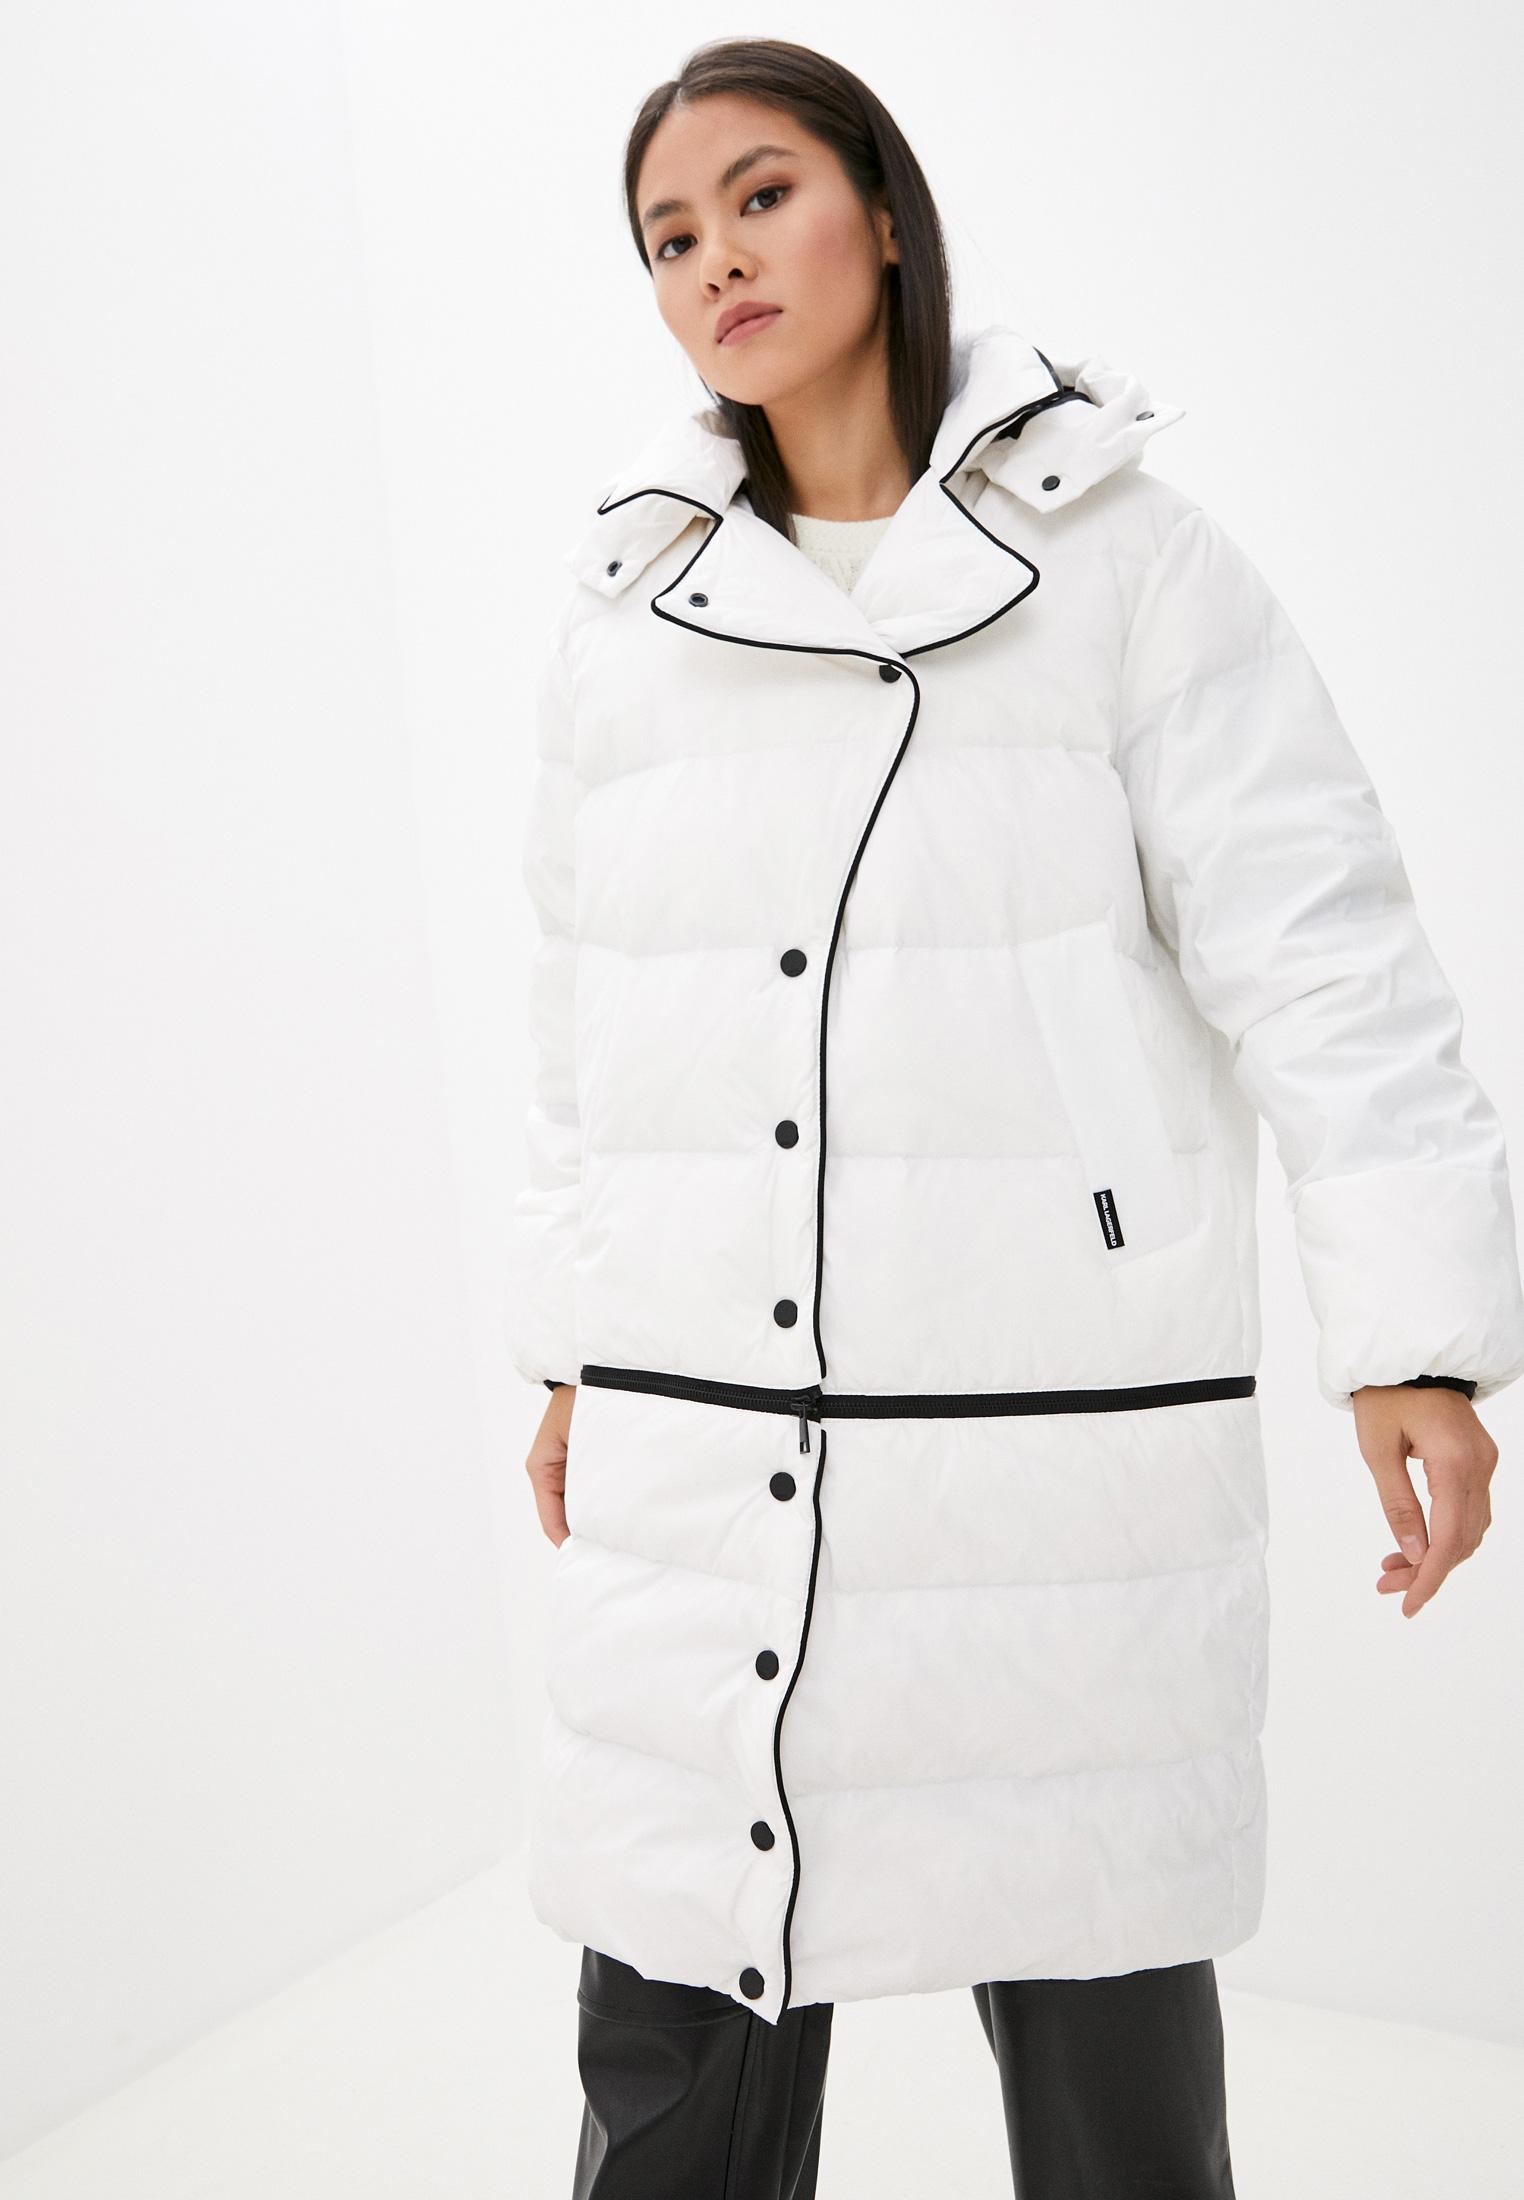 Утепленная куртка Karl Lagerfeld Куртка утепленная Karl Lagerfeld